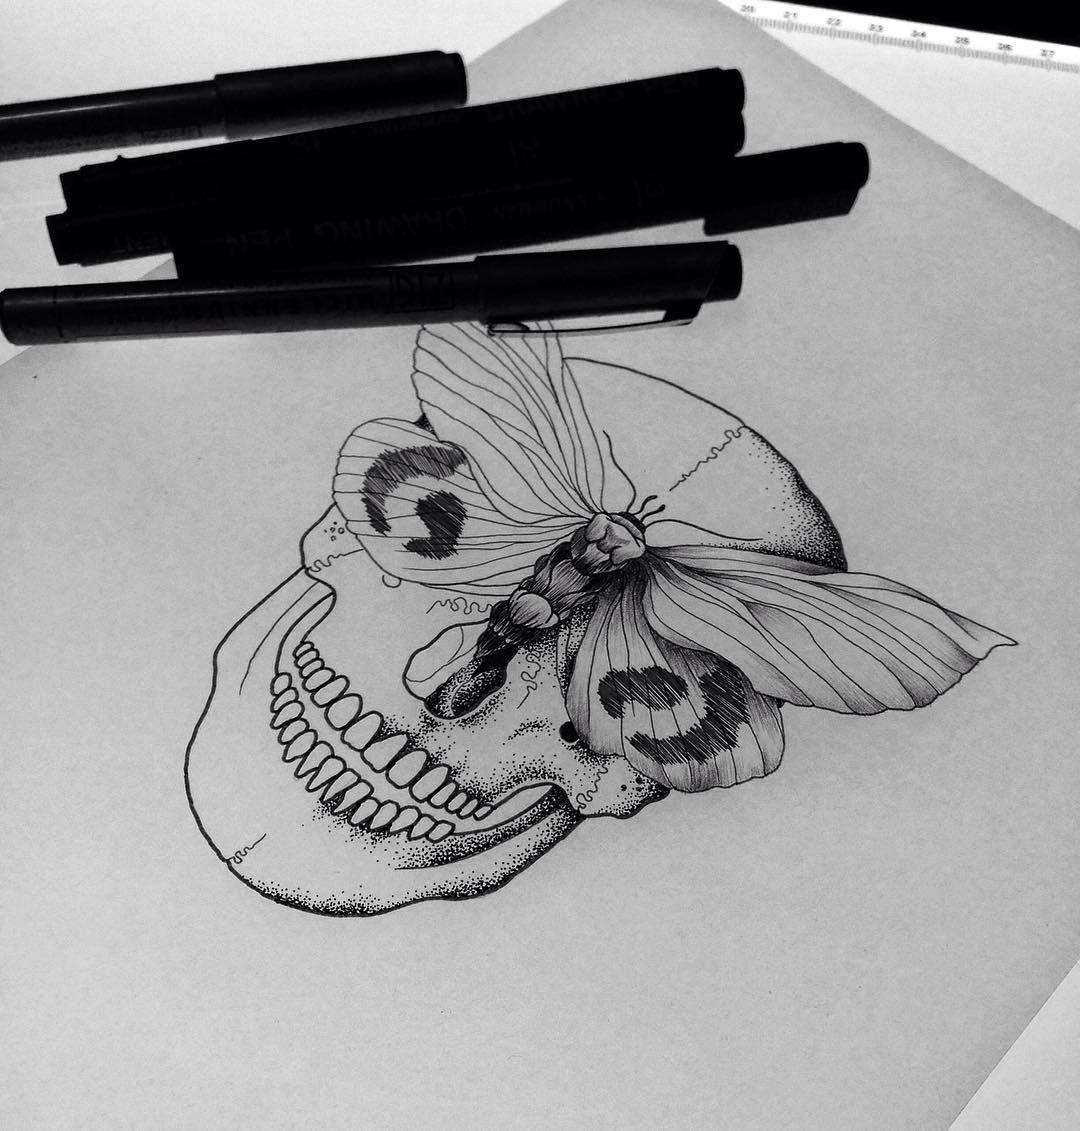 Tattoo ideas black ink coming black ink illustration skull moth tattoo design